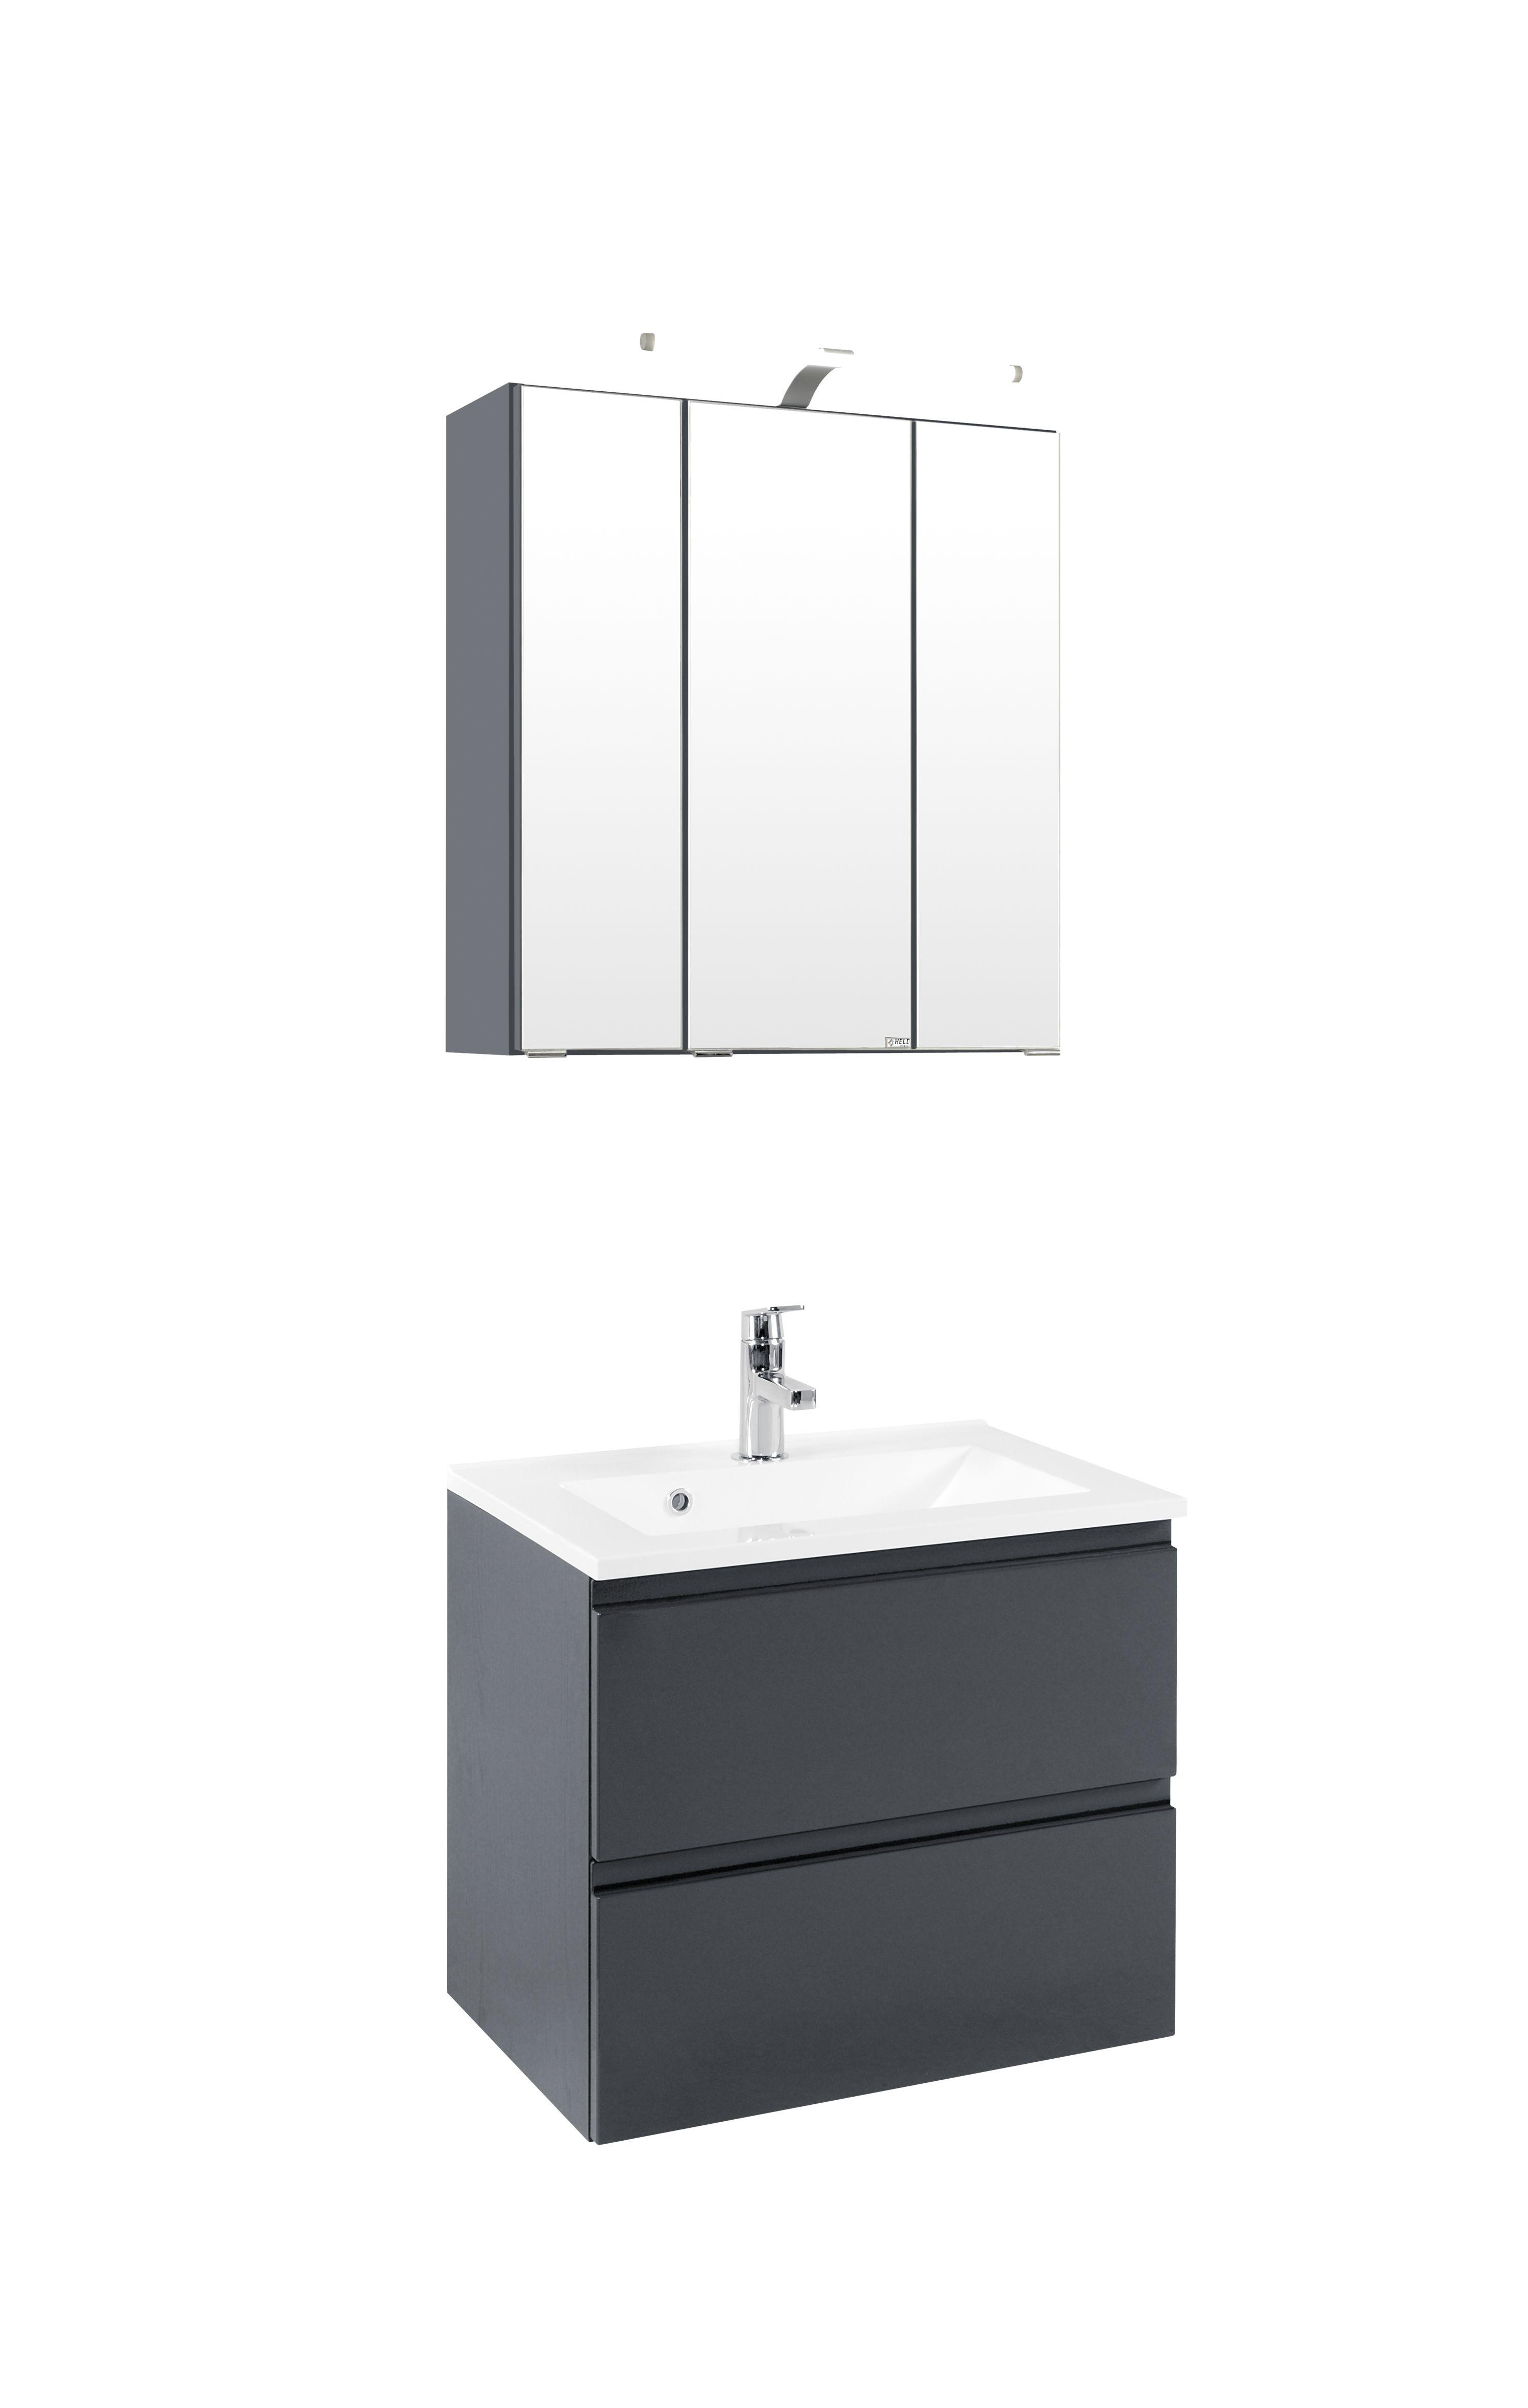 waschtisch set waschplatz unterschrank schrank komplett set bad m bel ebay. Black Bedroom Furniture Sets. Home Design Ideas